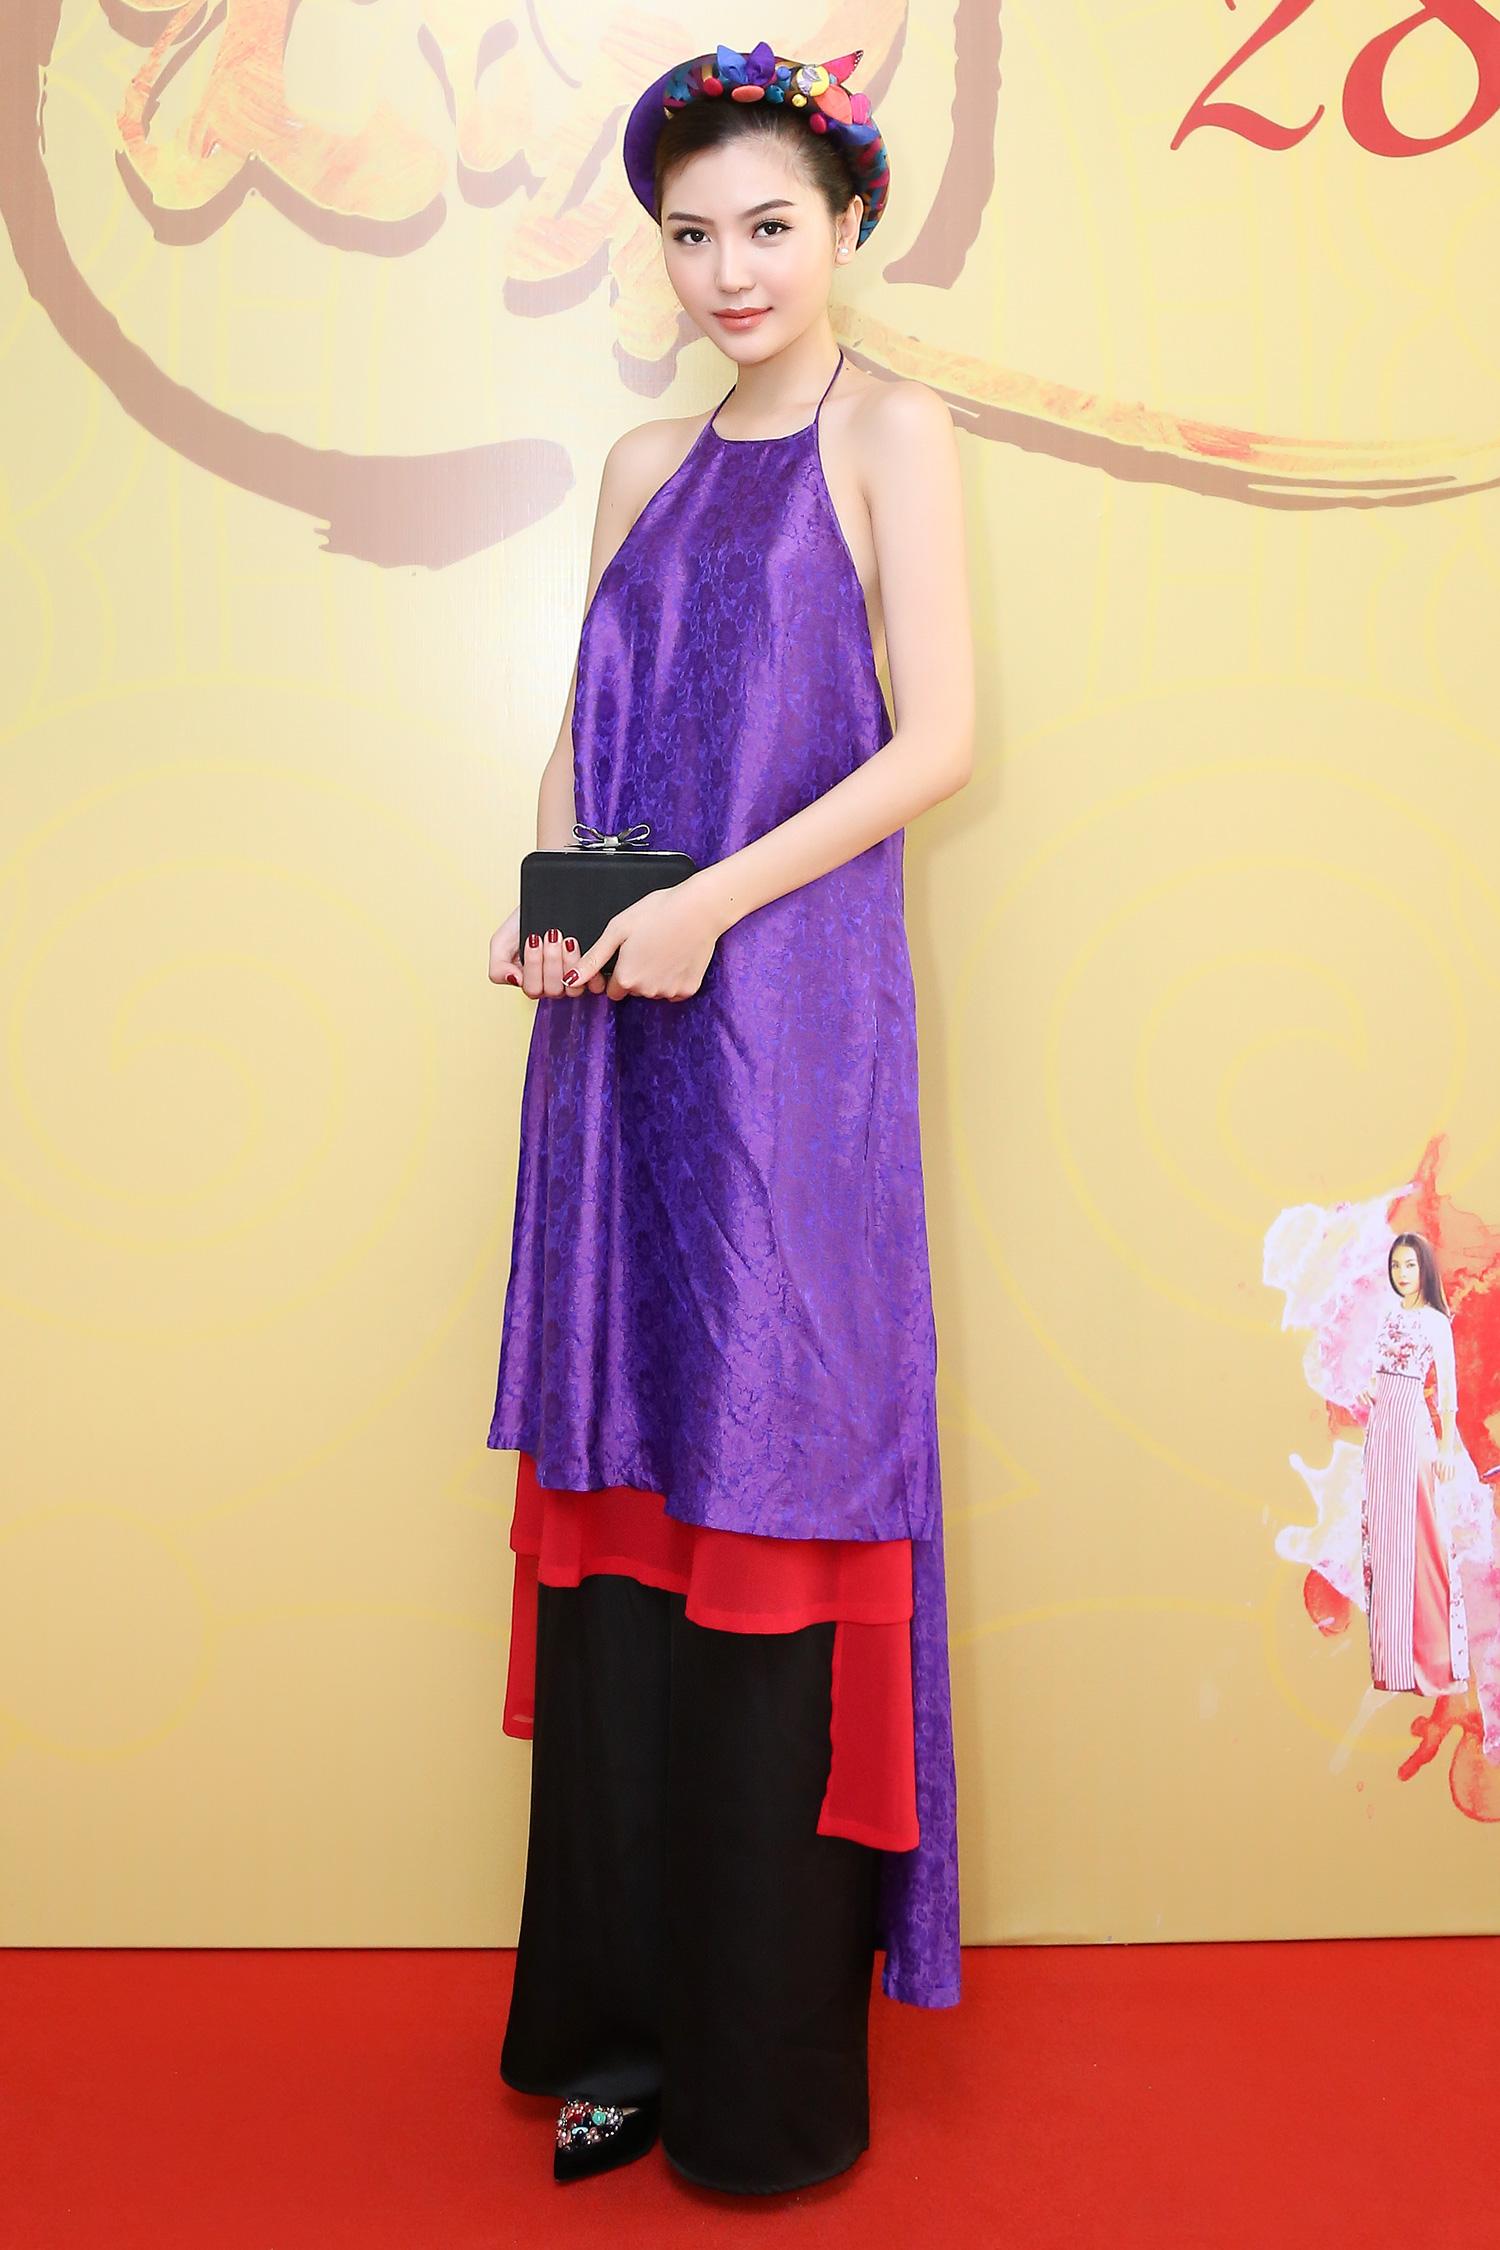 Hoa hậu Ngọc Duyên mặc áo yếm gợi cảm đọ dáng cùng dàn mẫu 1